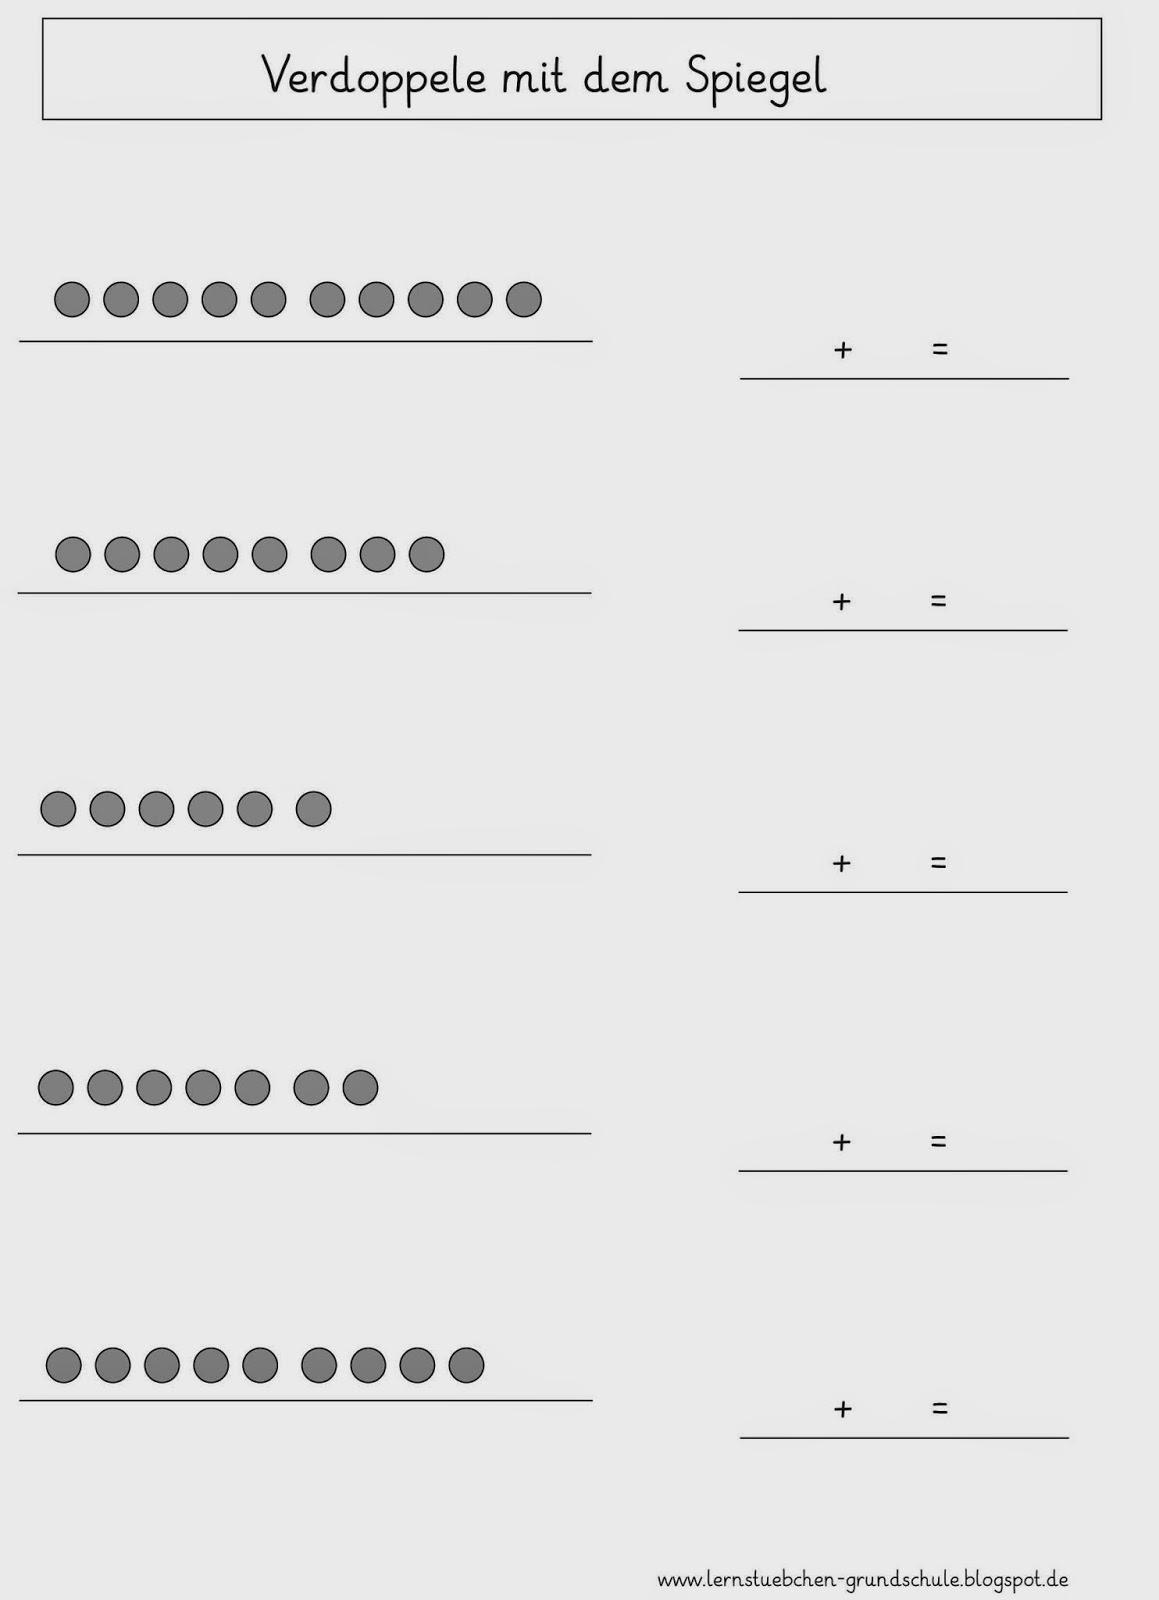 Lernstübchen: Verdoppeln - Arbeitsblätter